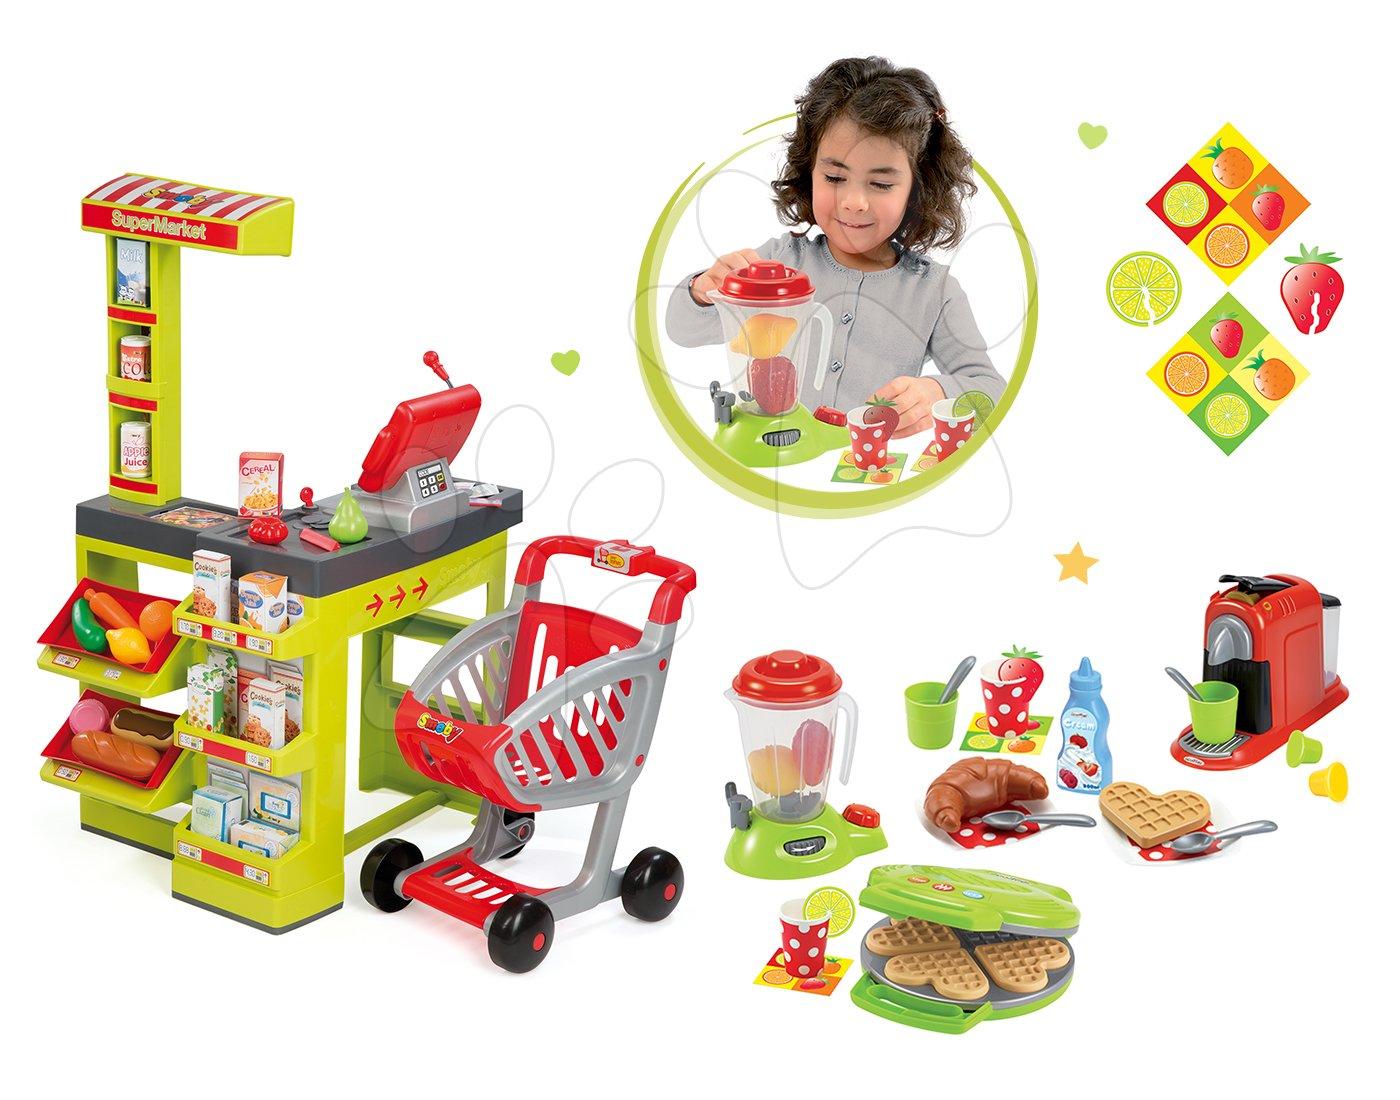 Set obchod pro děti Supermarket Smoby s elektronickou pokladnou a kuchyňka Studio Tefal se zvuky